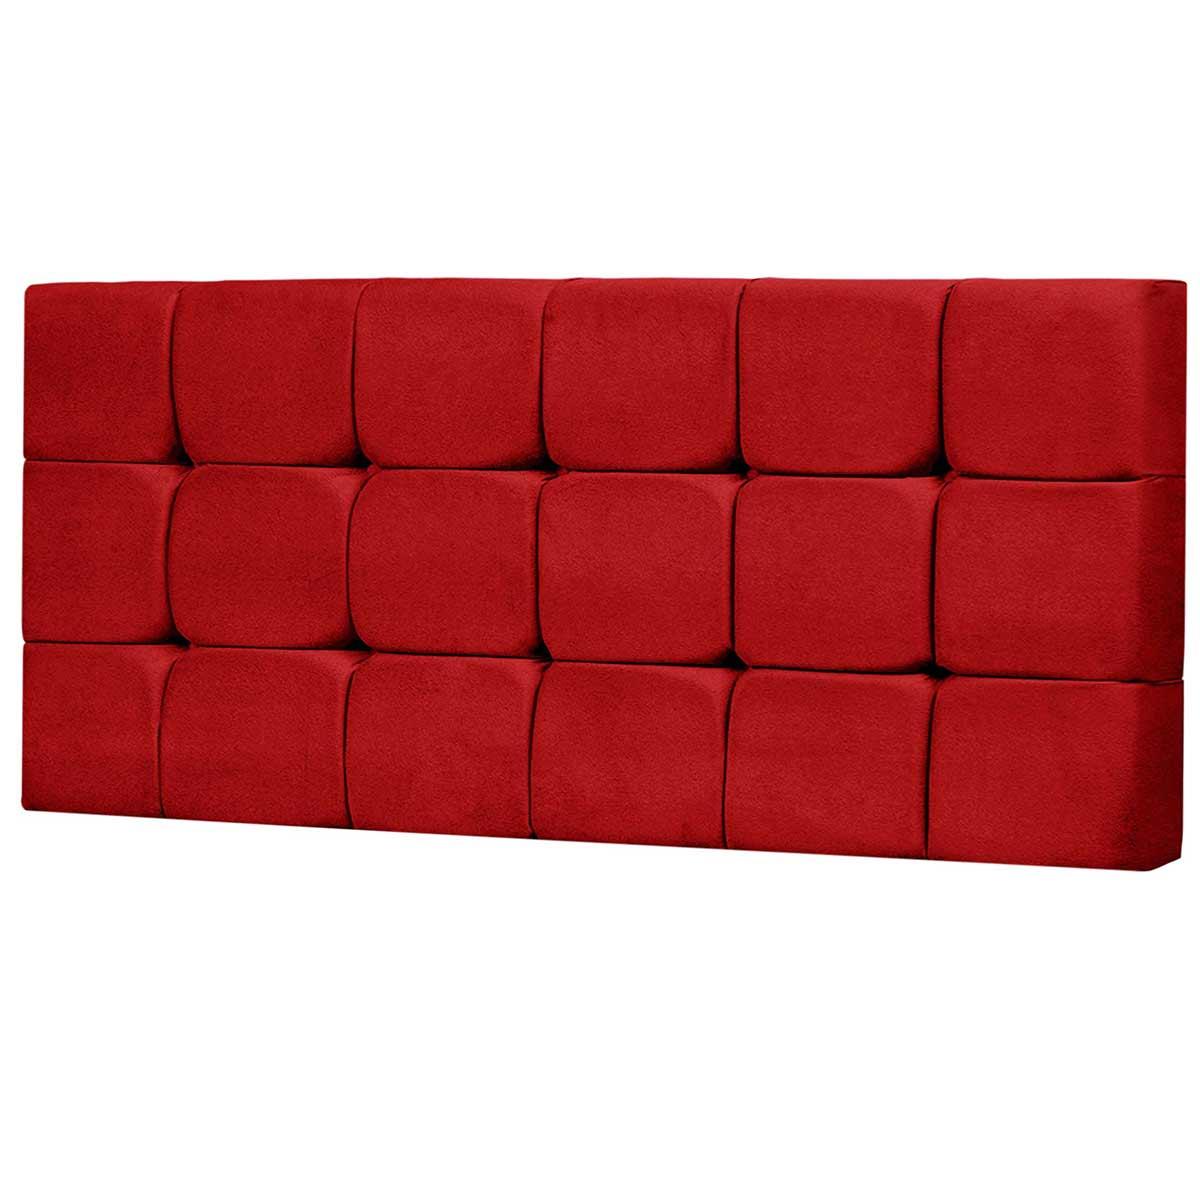 Cabeceira Painel King Estofada Espanha 195 cm Vermelho